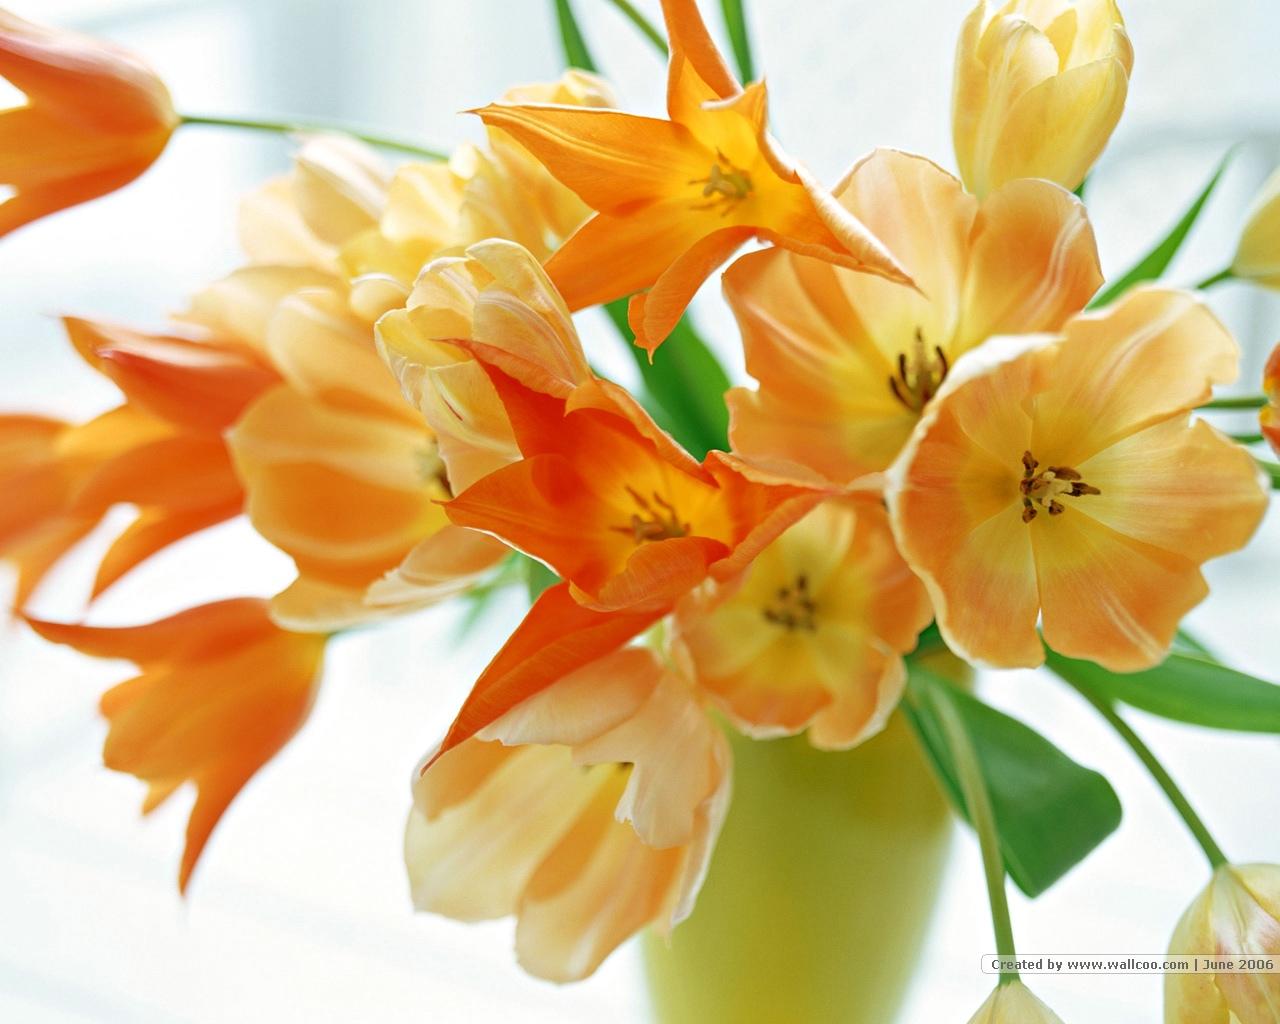 Автоцентр АНТ - официальный дилер HYUNDAI рад поздравить всех женщин с замечательным праздником 8 марта!